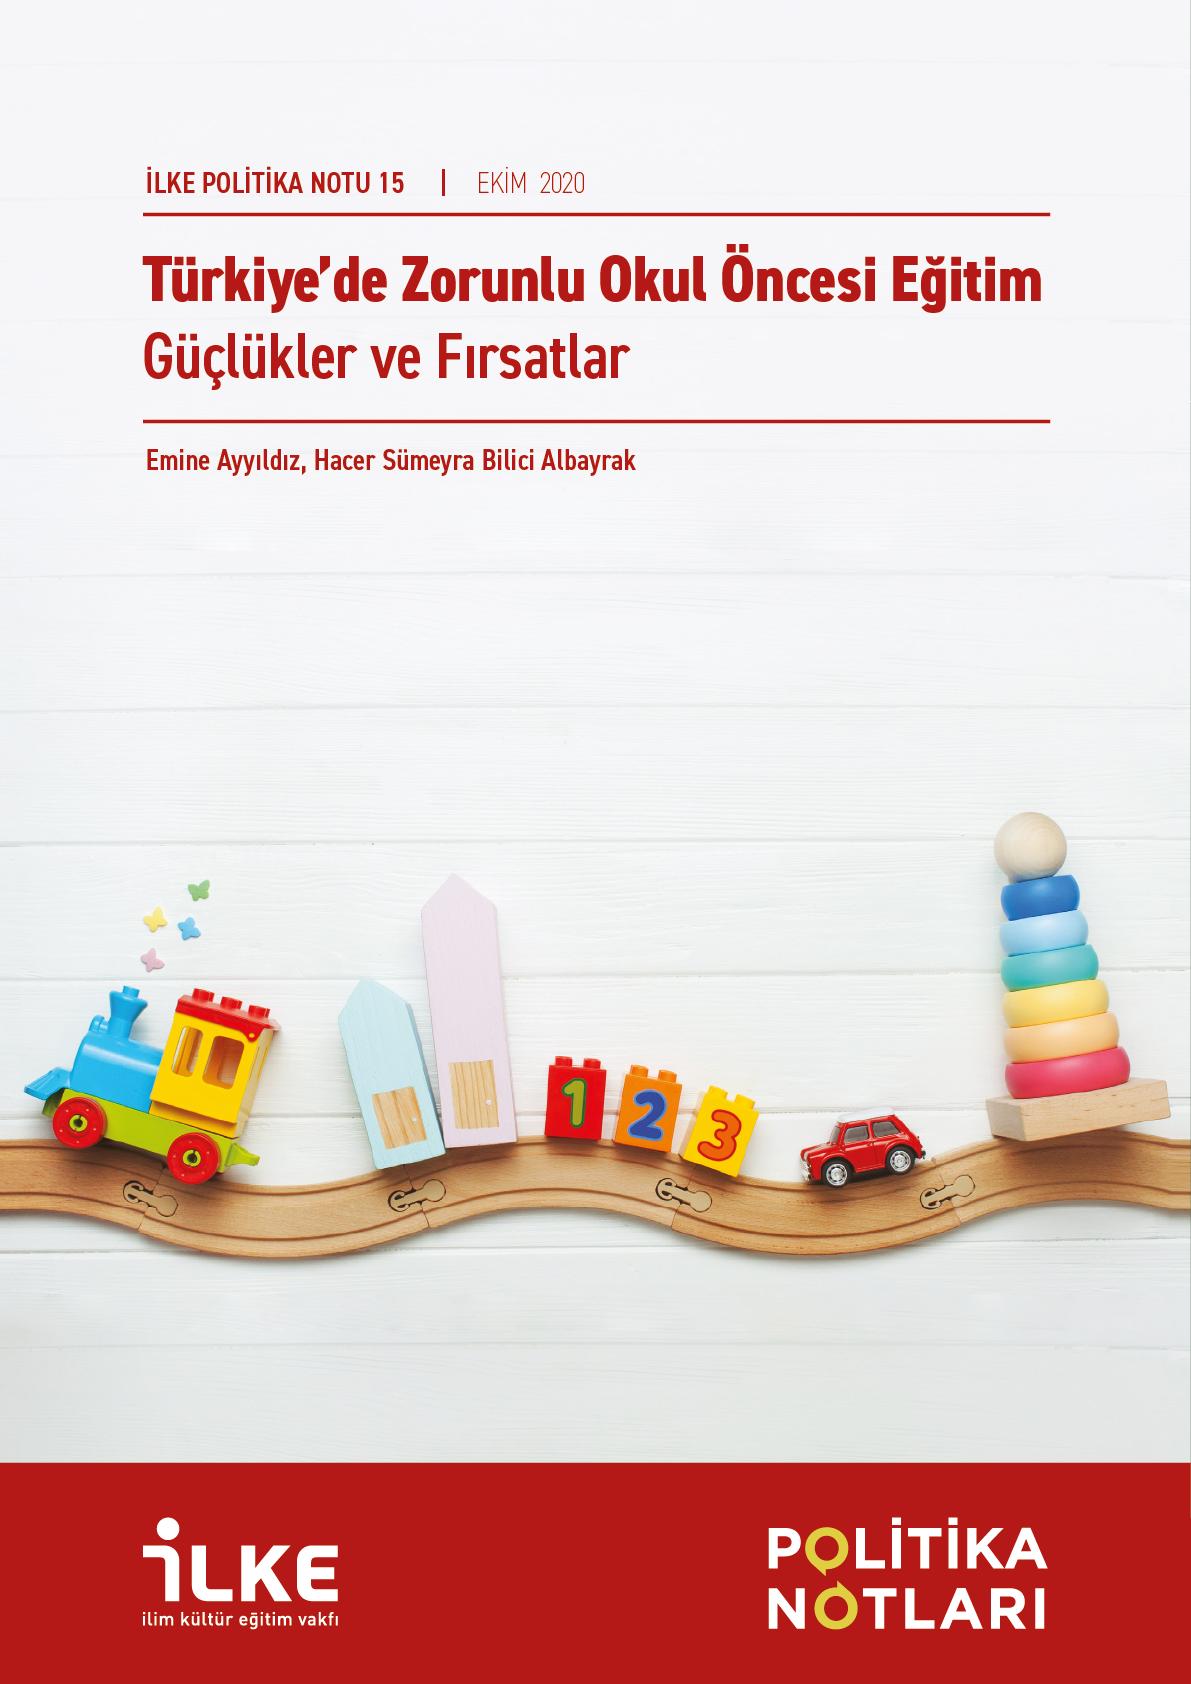 Türkiye'de Zorunlu Okul Öncesi Eğitim: Güçlükler ve Fırsatlar